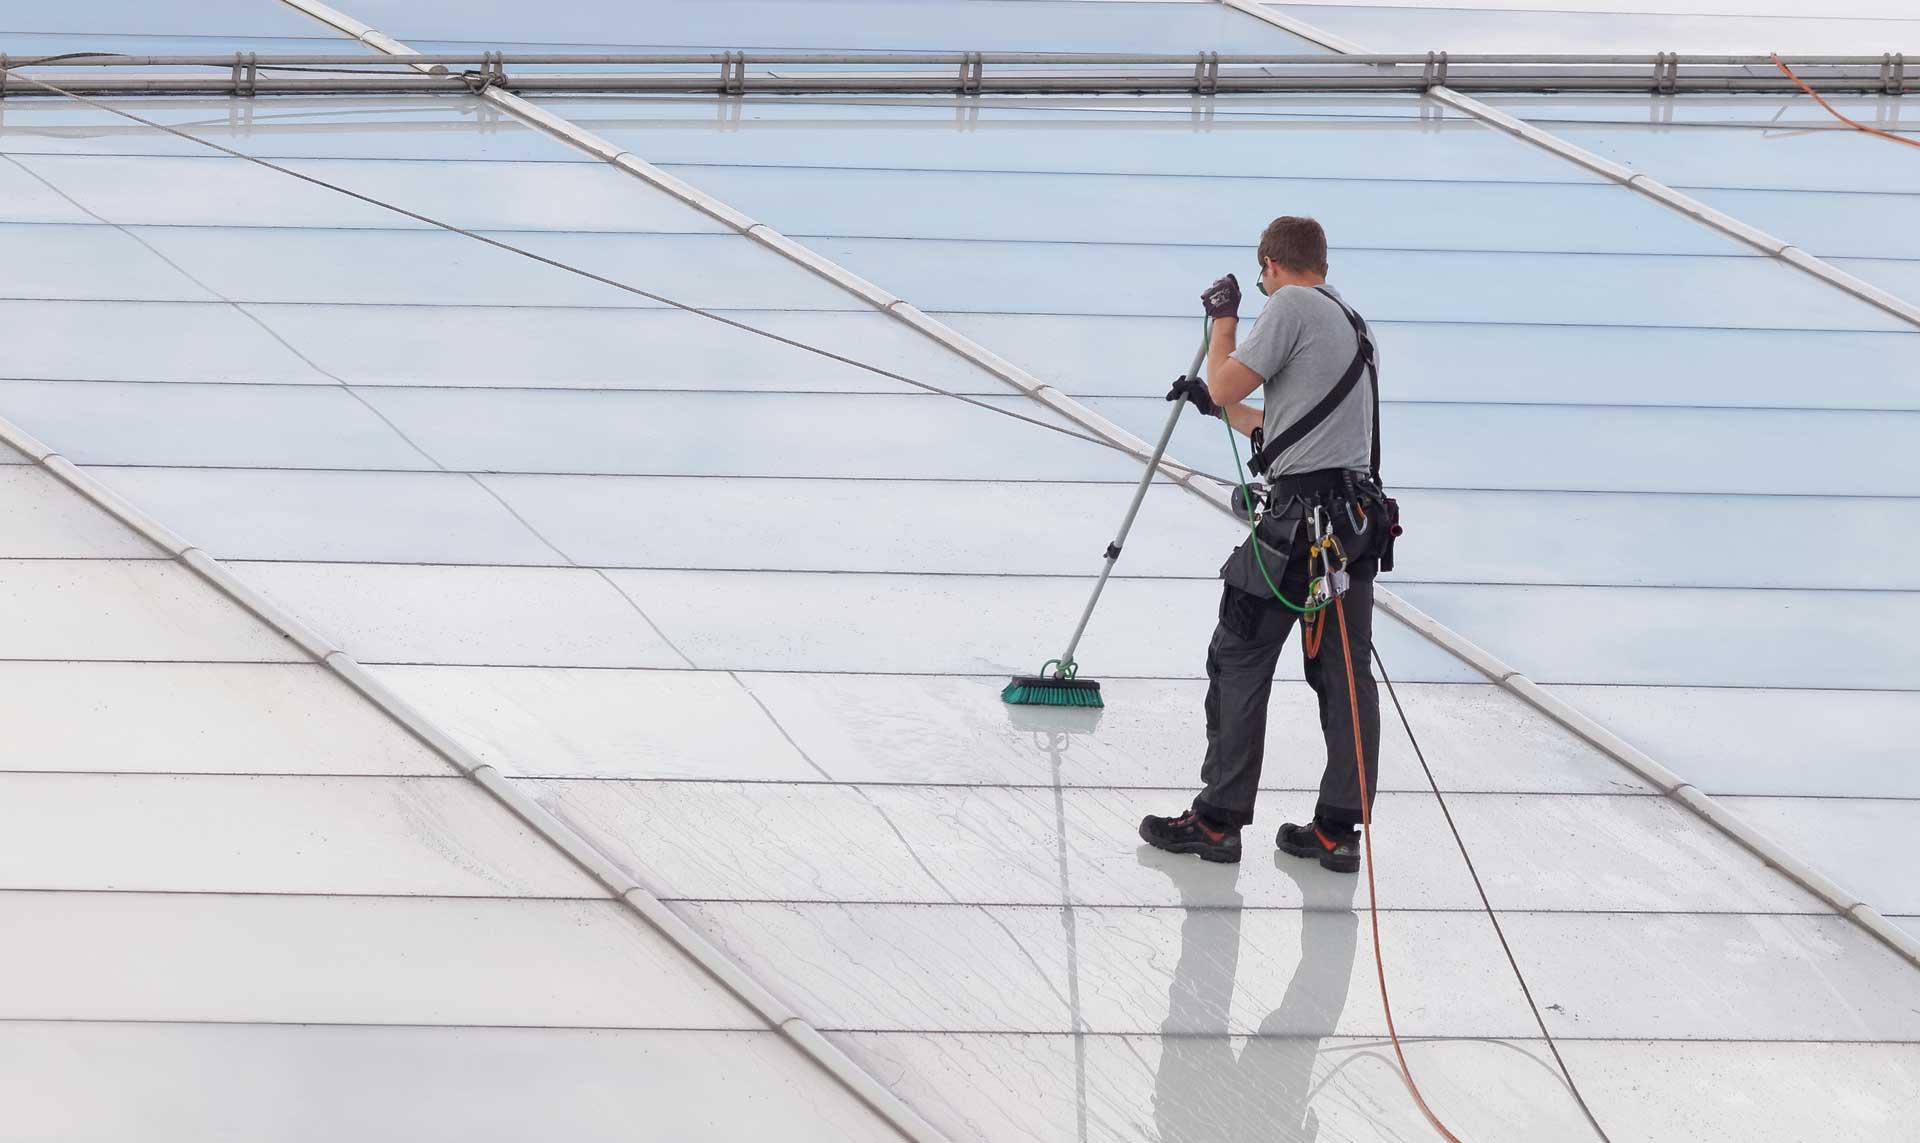 Les toitures de verre nécessitent un entretien qui devrait être réguilier pour maintenir sa splendeur. Cela est rendu possible à moindre cout grace aux Aerial Machine (drones)